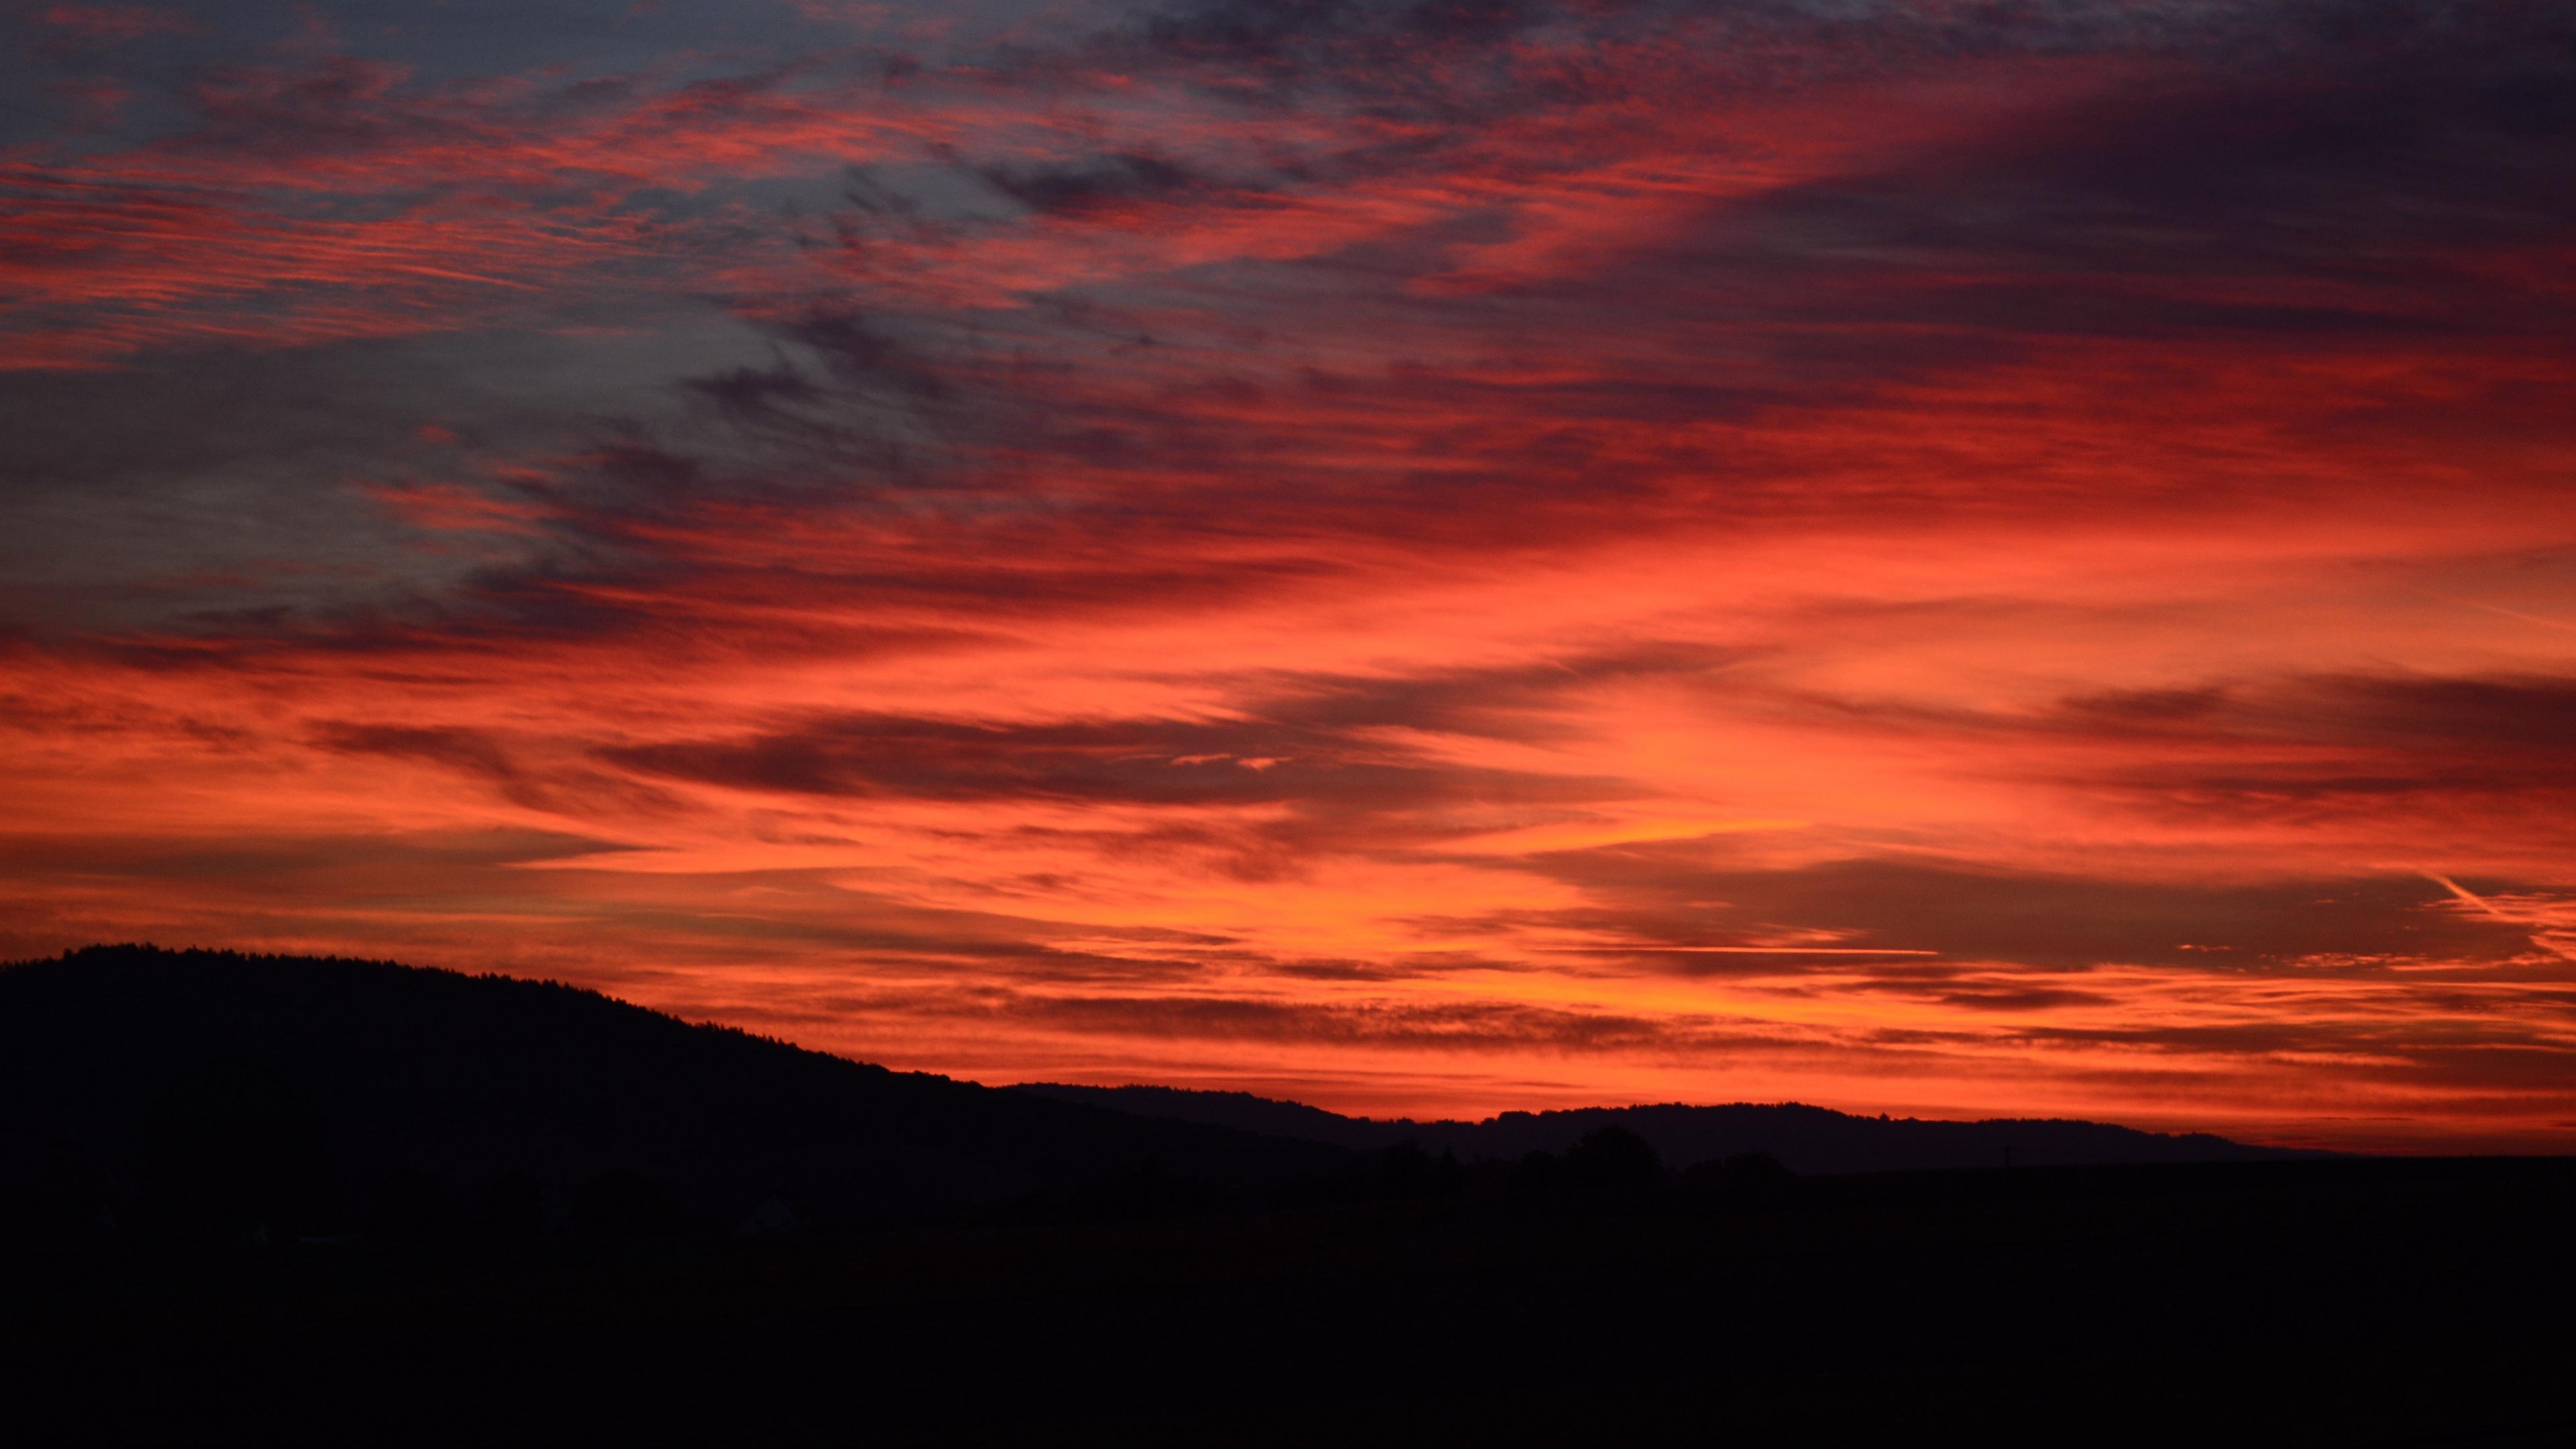 sunset horizon red clouds dark 4k 1541113728 - sunset, horizon, red, clouds, dark 4k - sunset, red, Horizon